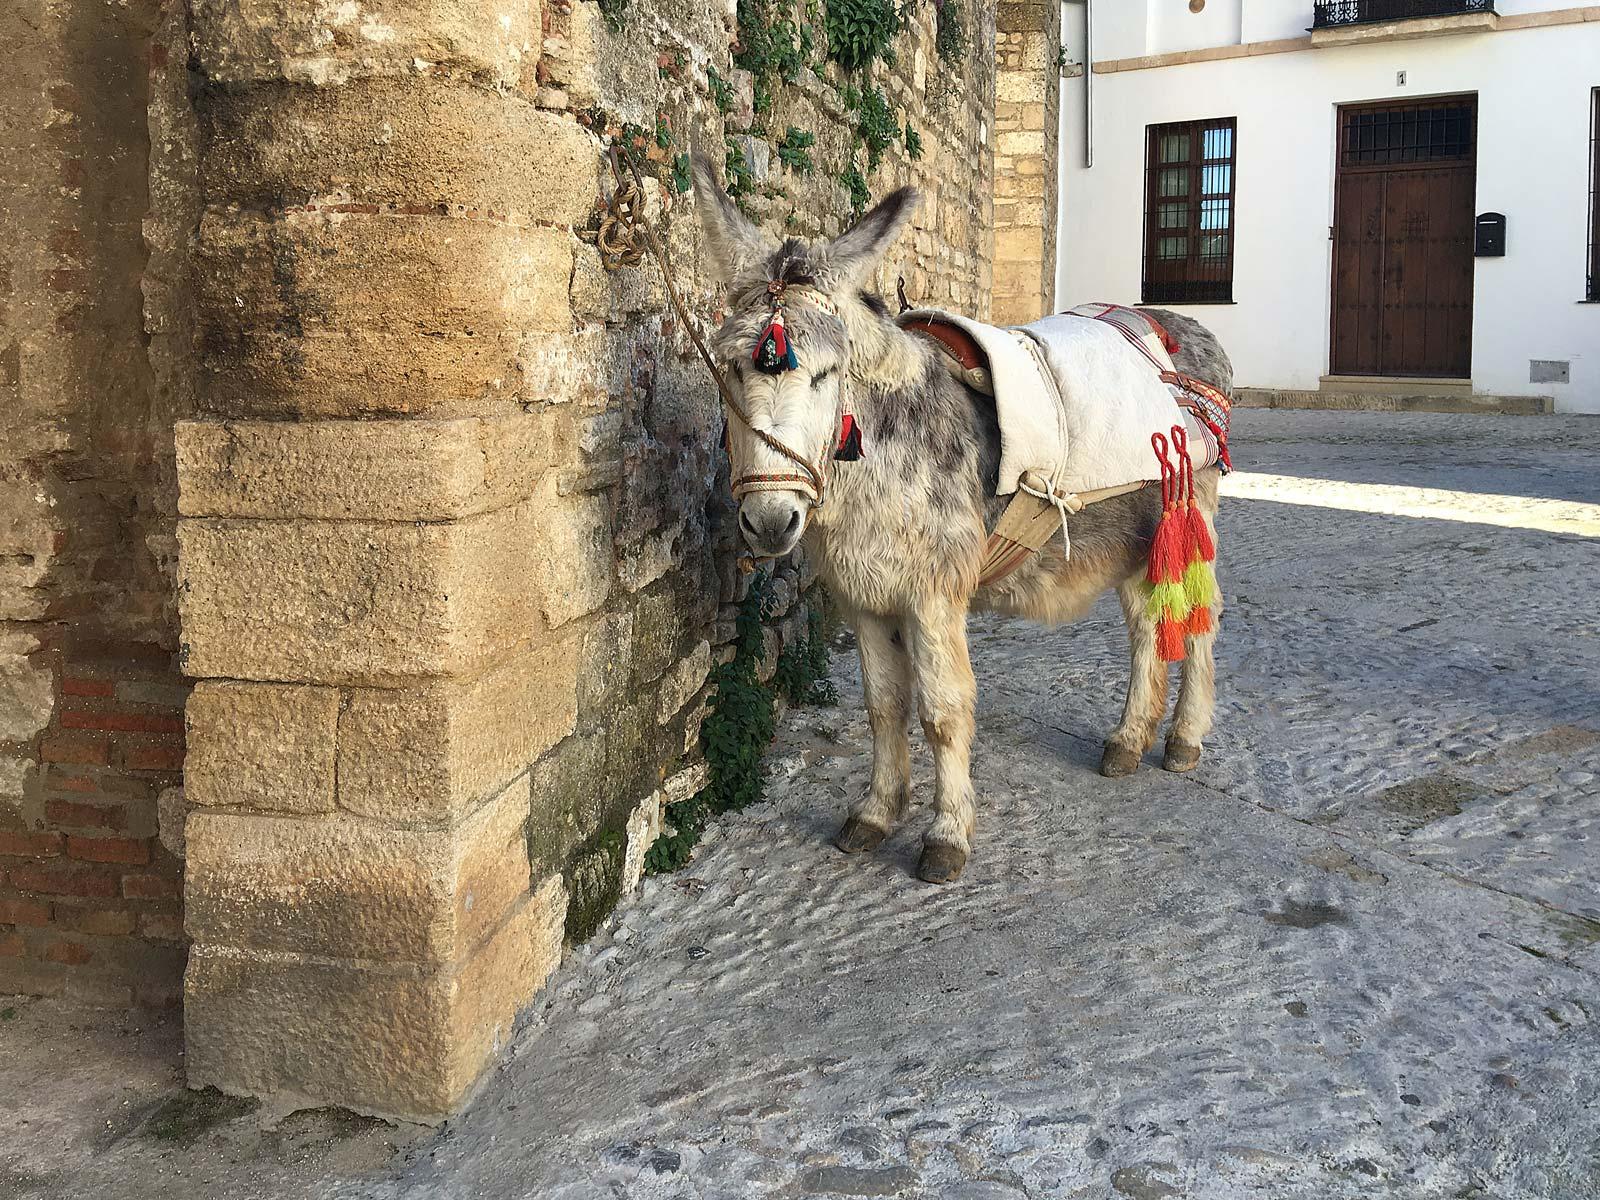 Festively decorated donkey in Ronda